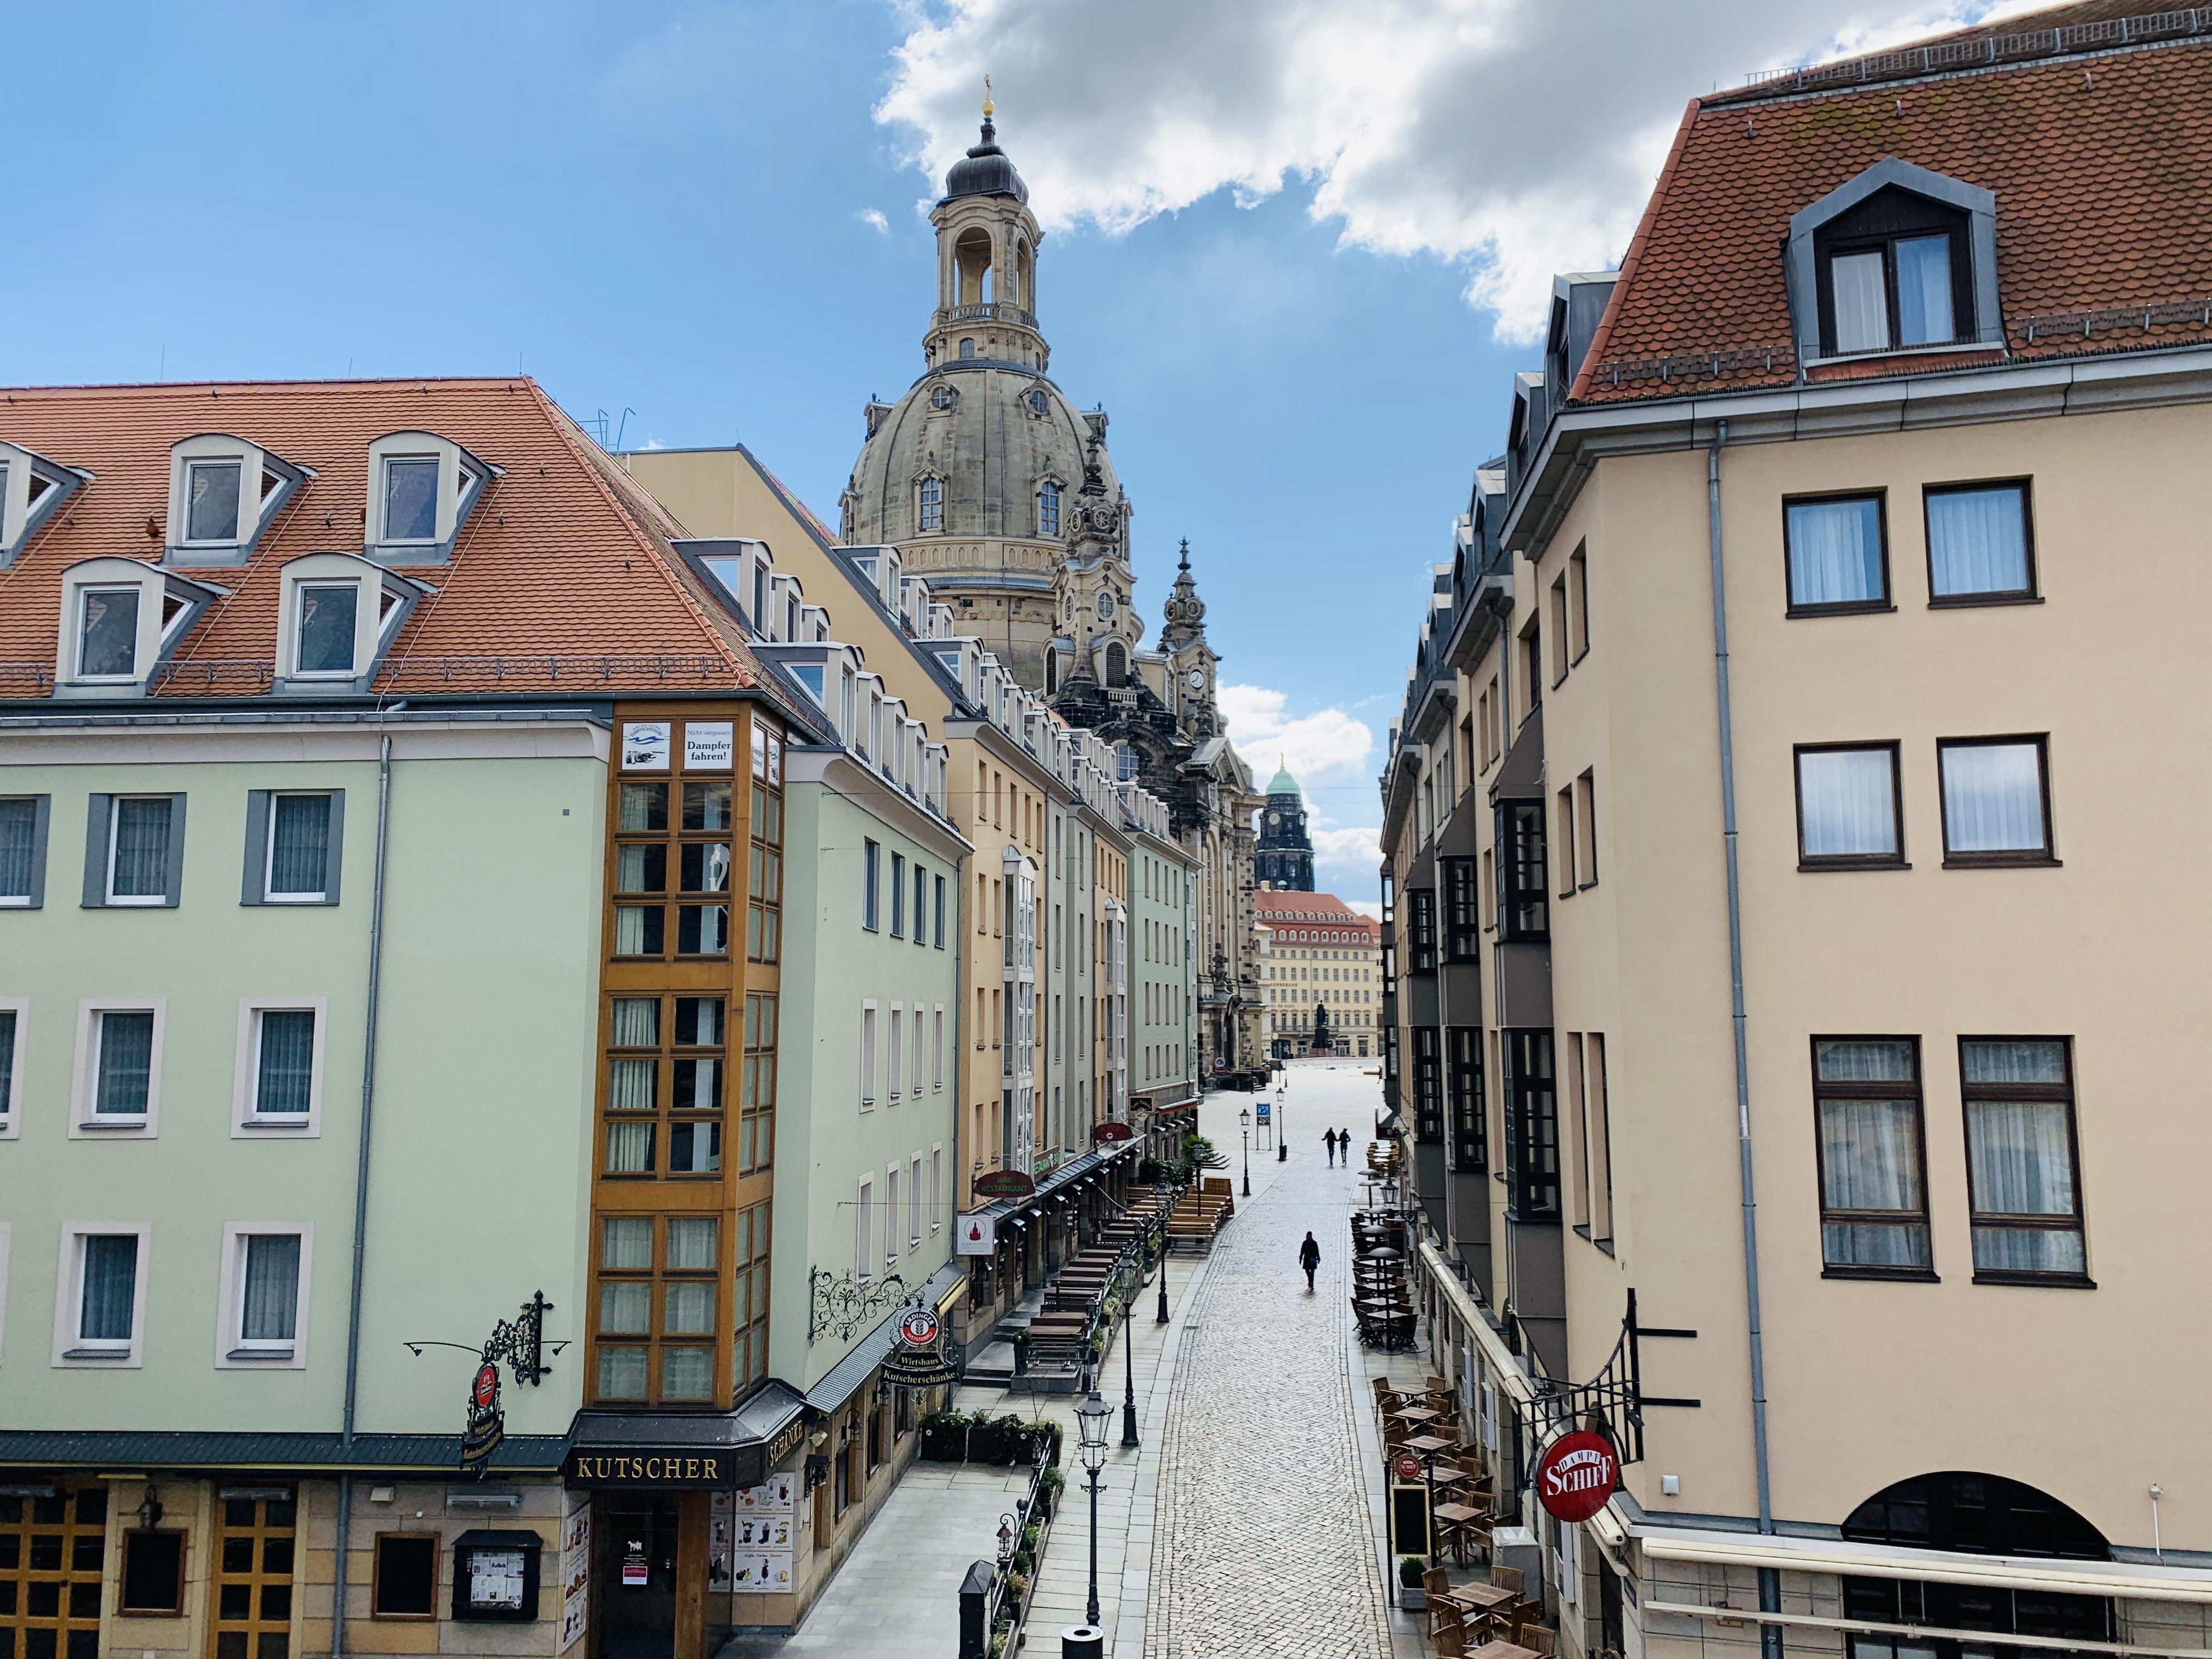 Blick Von Der Bruhlschen Terrasse In Die Munzgasse Mit Frauenkirche Im Hintergrund In 2020 Dresden Frauenkirche Bruhlsche Terrasse